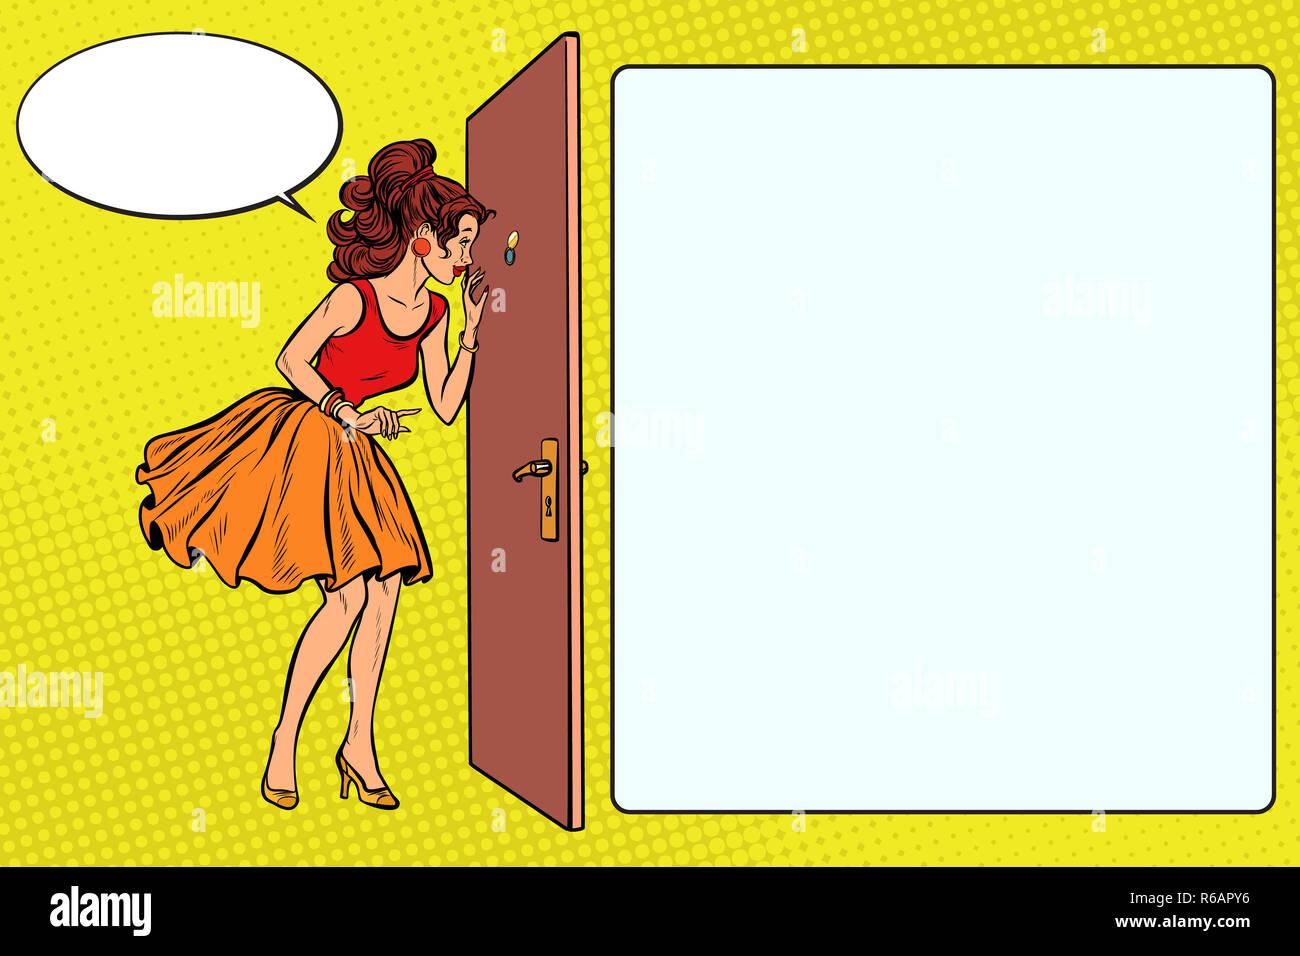 woman peeking through the peephole Stock Photo